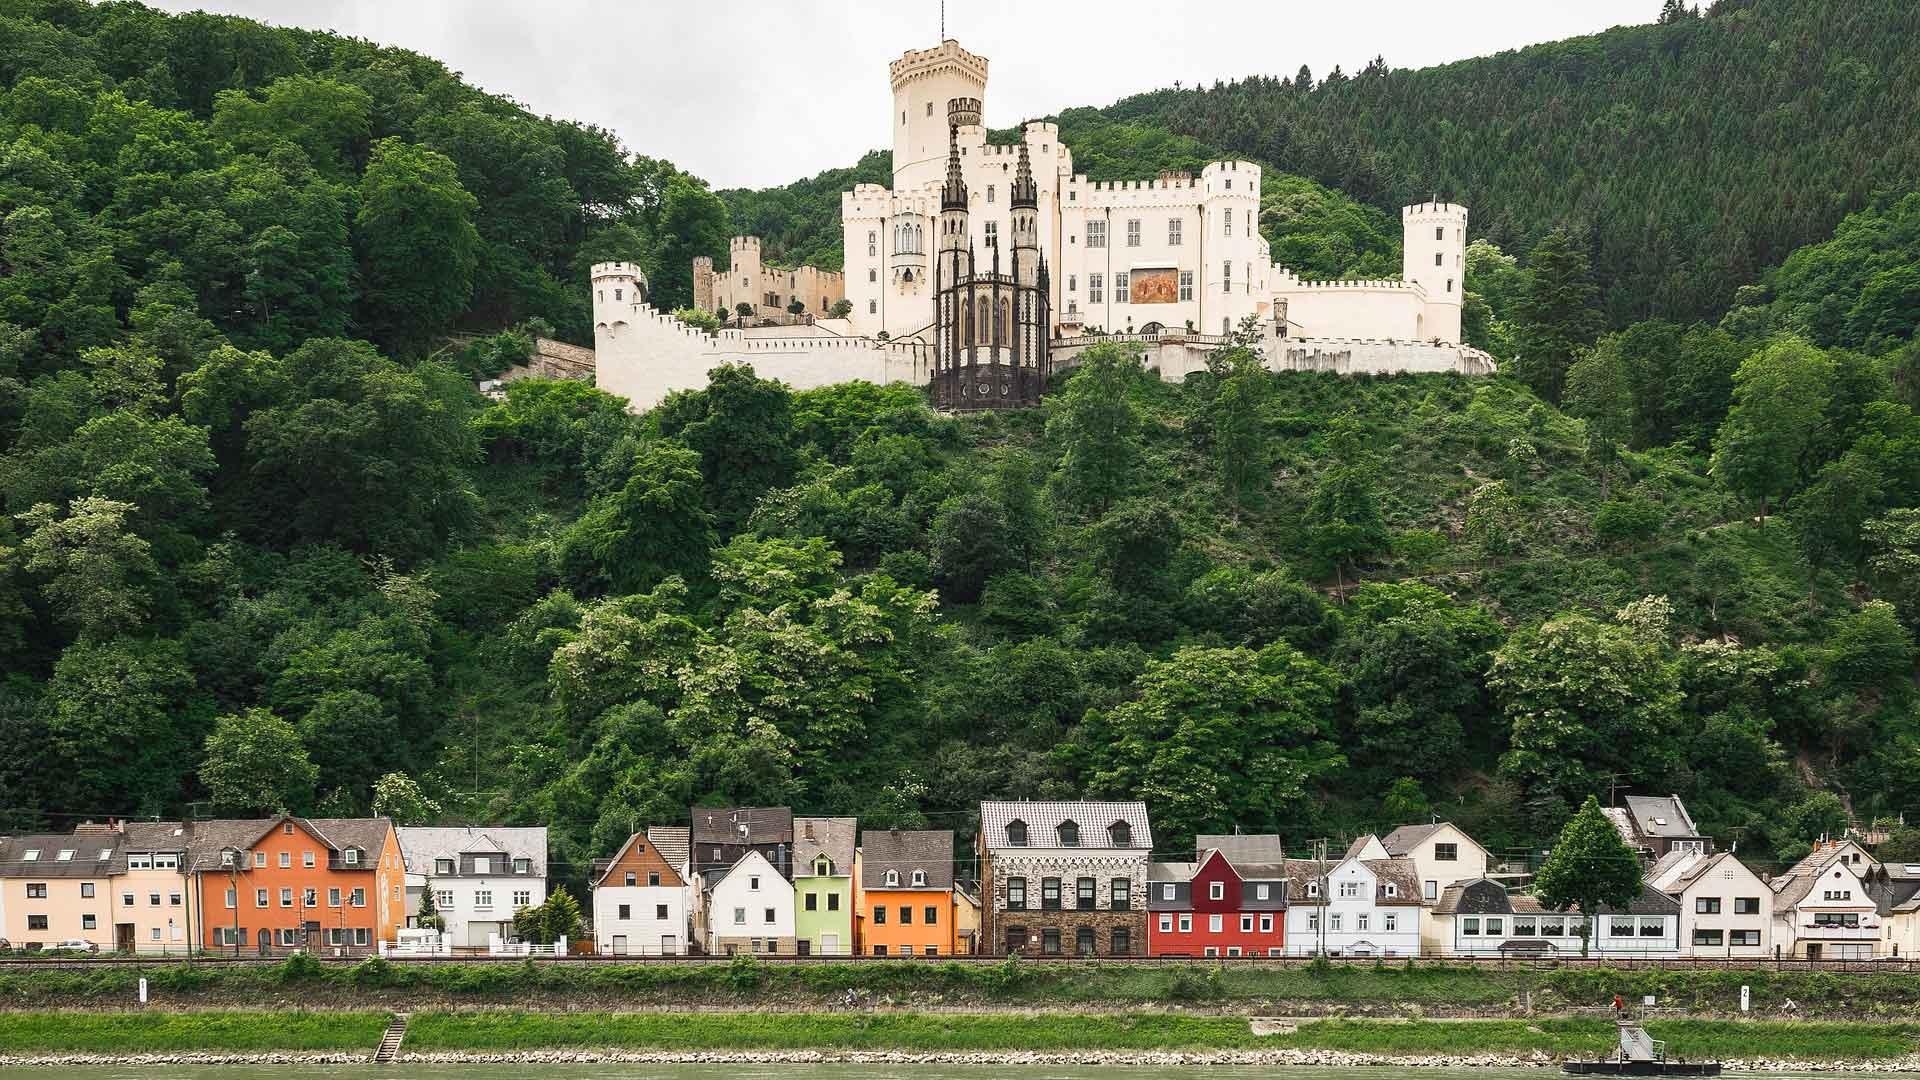 De indrukwekkende Burg Stolzenfelz aan de Rijn.